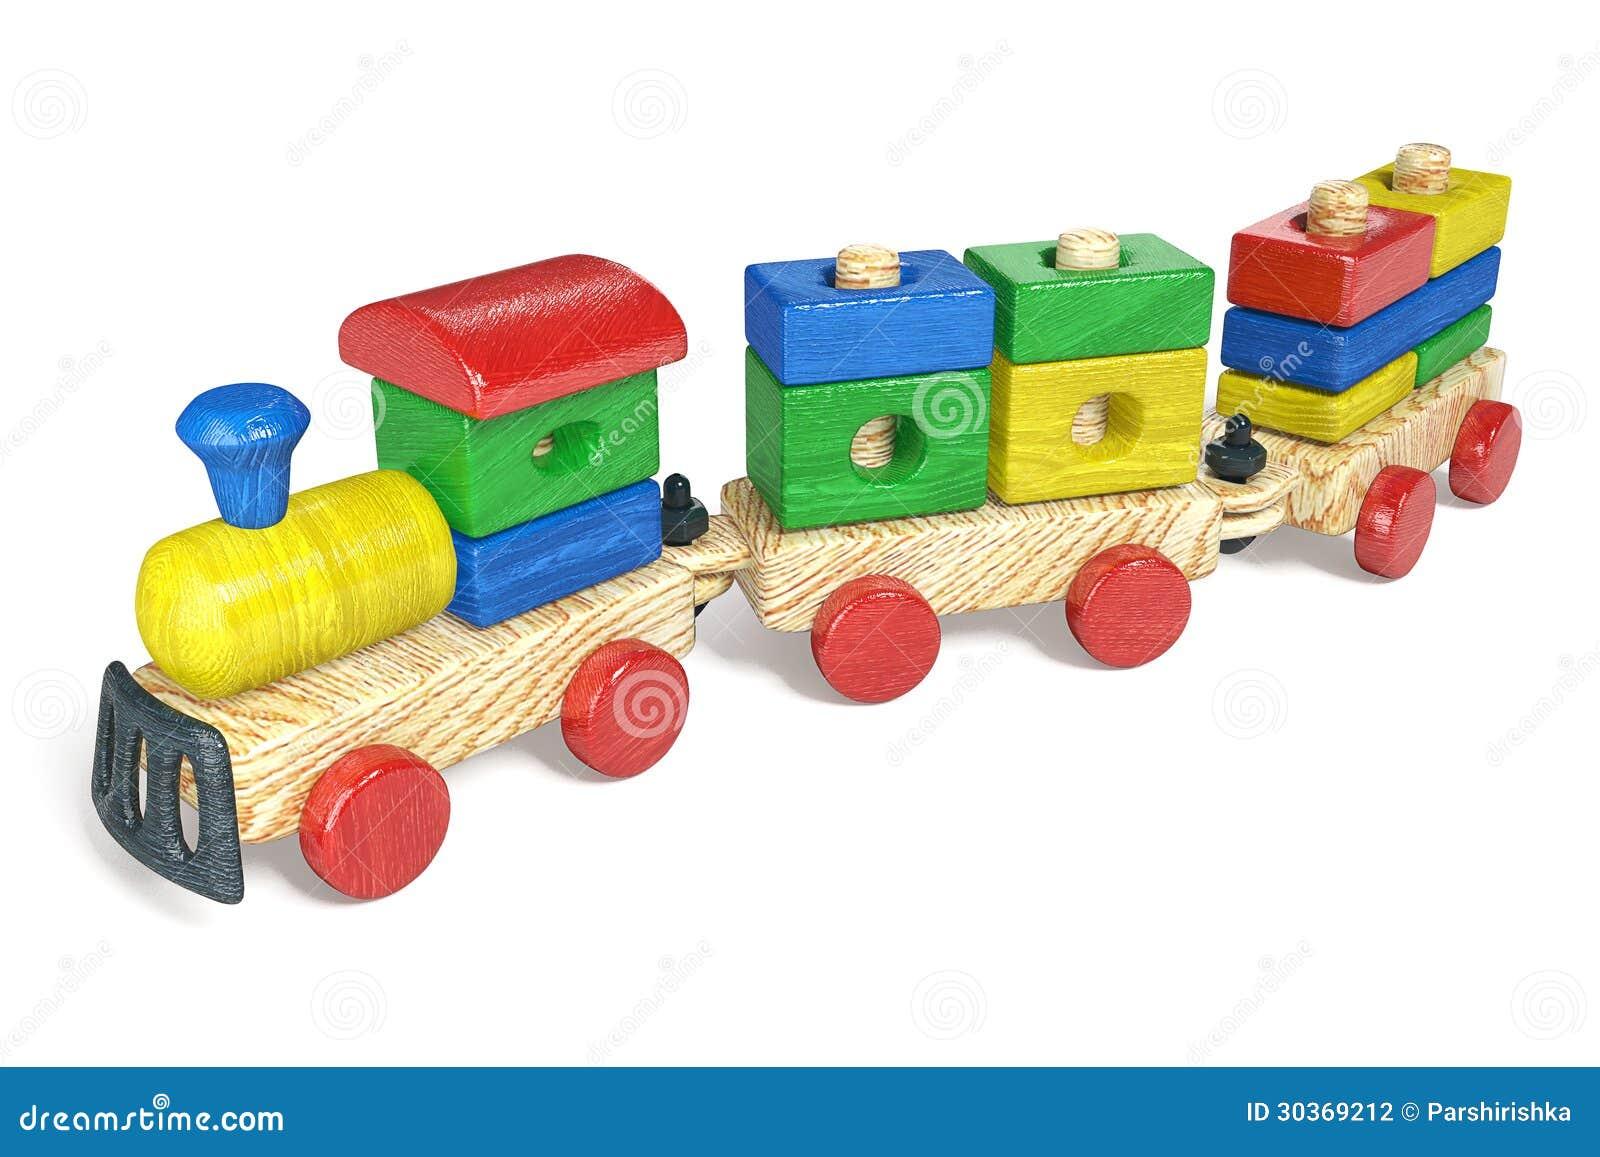 Jouet pour enfants une locomotive vapeur photographie stock image 30369212 - Jouet original enfant ...